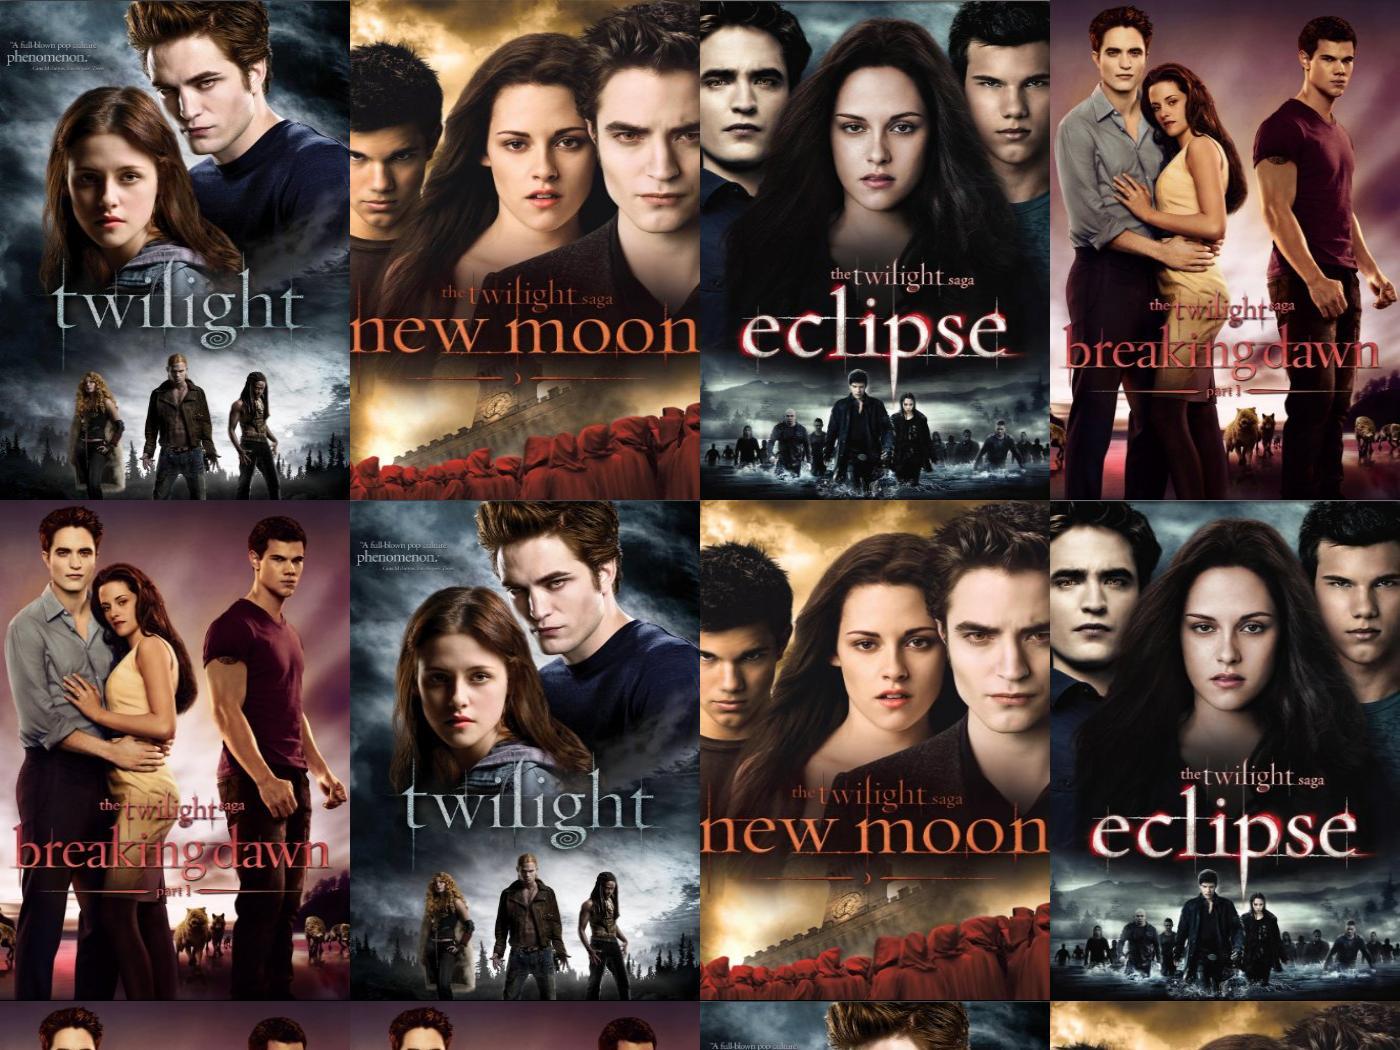 Twilight desktop wallpapers 49 wallpapers adorable - Twilight breaking dawn wallpaper ...